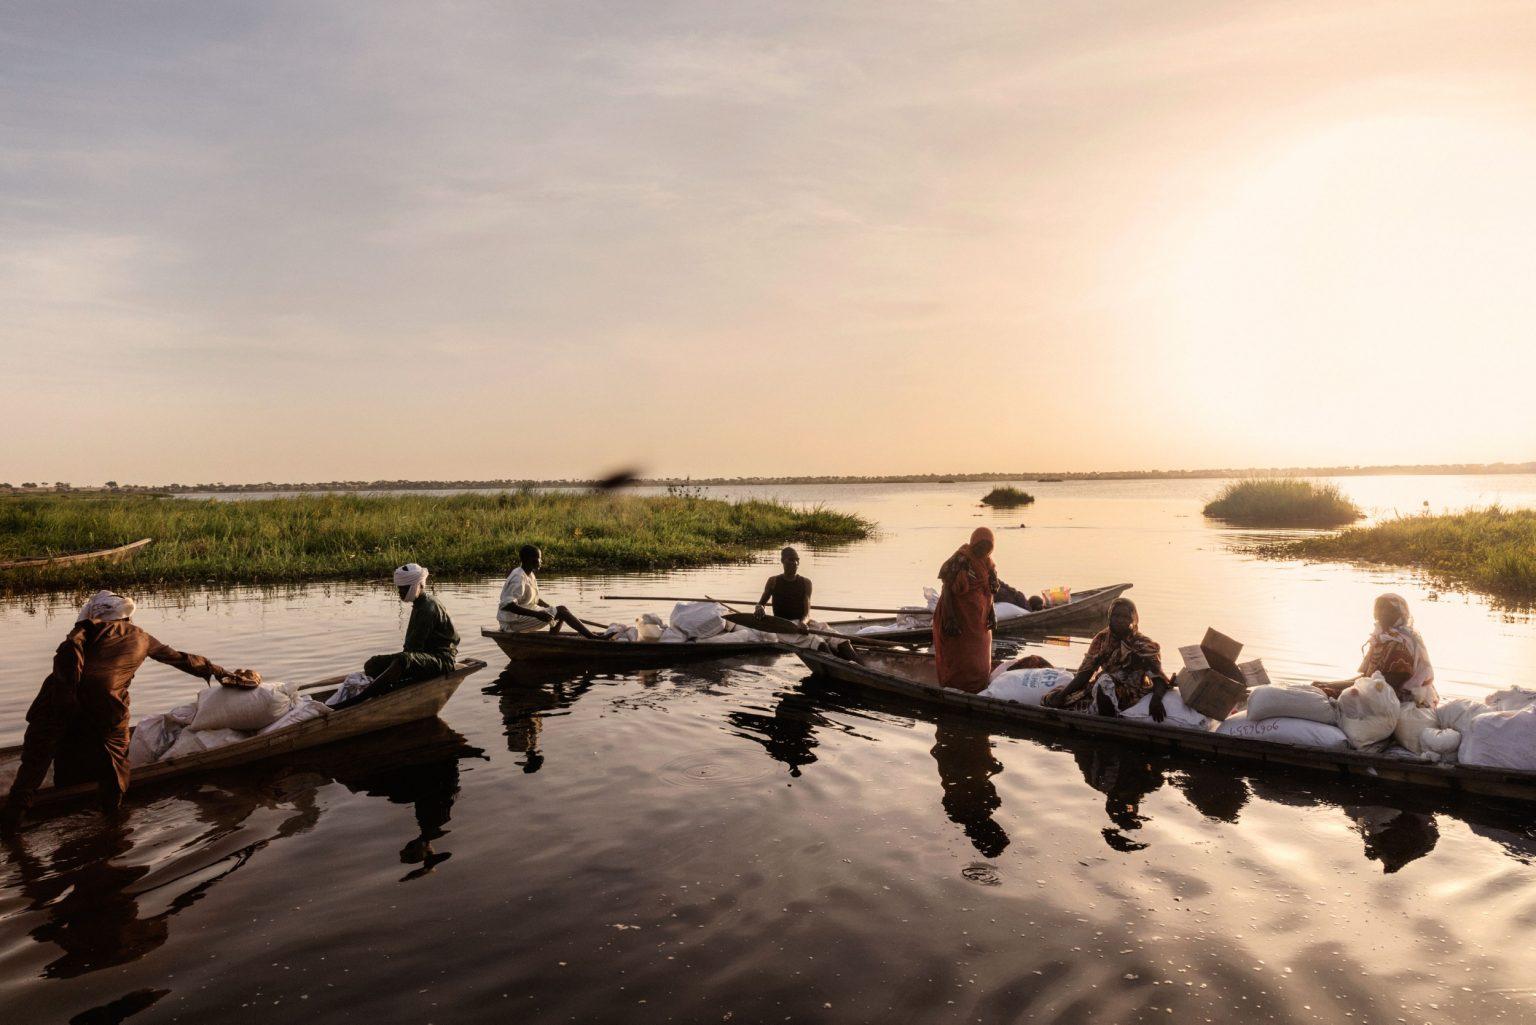 Africa, Chad, Bol, October 2018 - A severe humanitarian crisis is underway in the Lake Chad basin. Over two million refugees, as well as five million people are at risk of food insecurity and 500,000 children are suffering from acute malnutrition. Lake Chad is shrincking rapidly, due to desertification that is threatening the very existence of the people who live on its banks and the ecosystem of its waters. Chad was once the fourth largest lake in Africa. However, since the 1950s its surface has shrunk by 90%.>< Africa, Ciad, Bol, Ottobre 2018 - Una grave crisi umanitaria si sta abbattendo sul Lago Ciad. Oltre due milioni di rifugiati e cinque milioni di persone sono minacciati dall?insicurezza alimentare; 50,000 bambini soffrono di malnutrizione acuta. Il Lago Ciad si sta restringendo rapidamente per via della desertificazione che sta mettendo in pericolo l'esistenza stessa delle persone che vivono sulle sue sponde e l'ecosistema delle sue acque. Ciad era un tempo uno dei quattro laghi più grandi in Africa. Tuttavia, dal 1950 la superficie si è ridotta del 50%. *** SPECIAL   FEE   APPLIES *** *** Local Caption *** 01362906